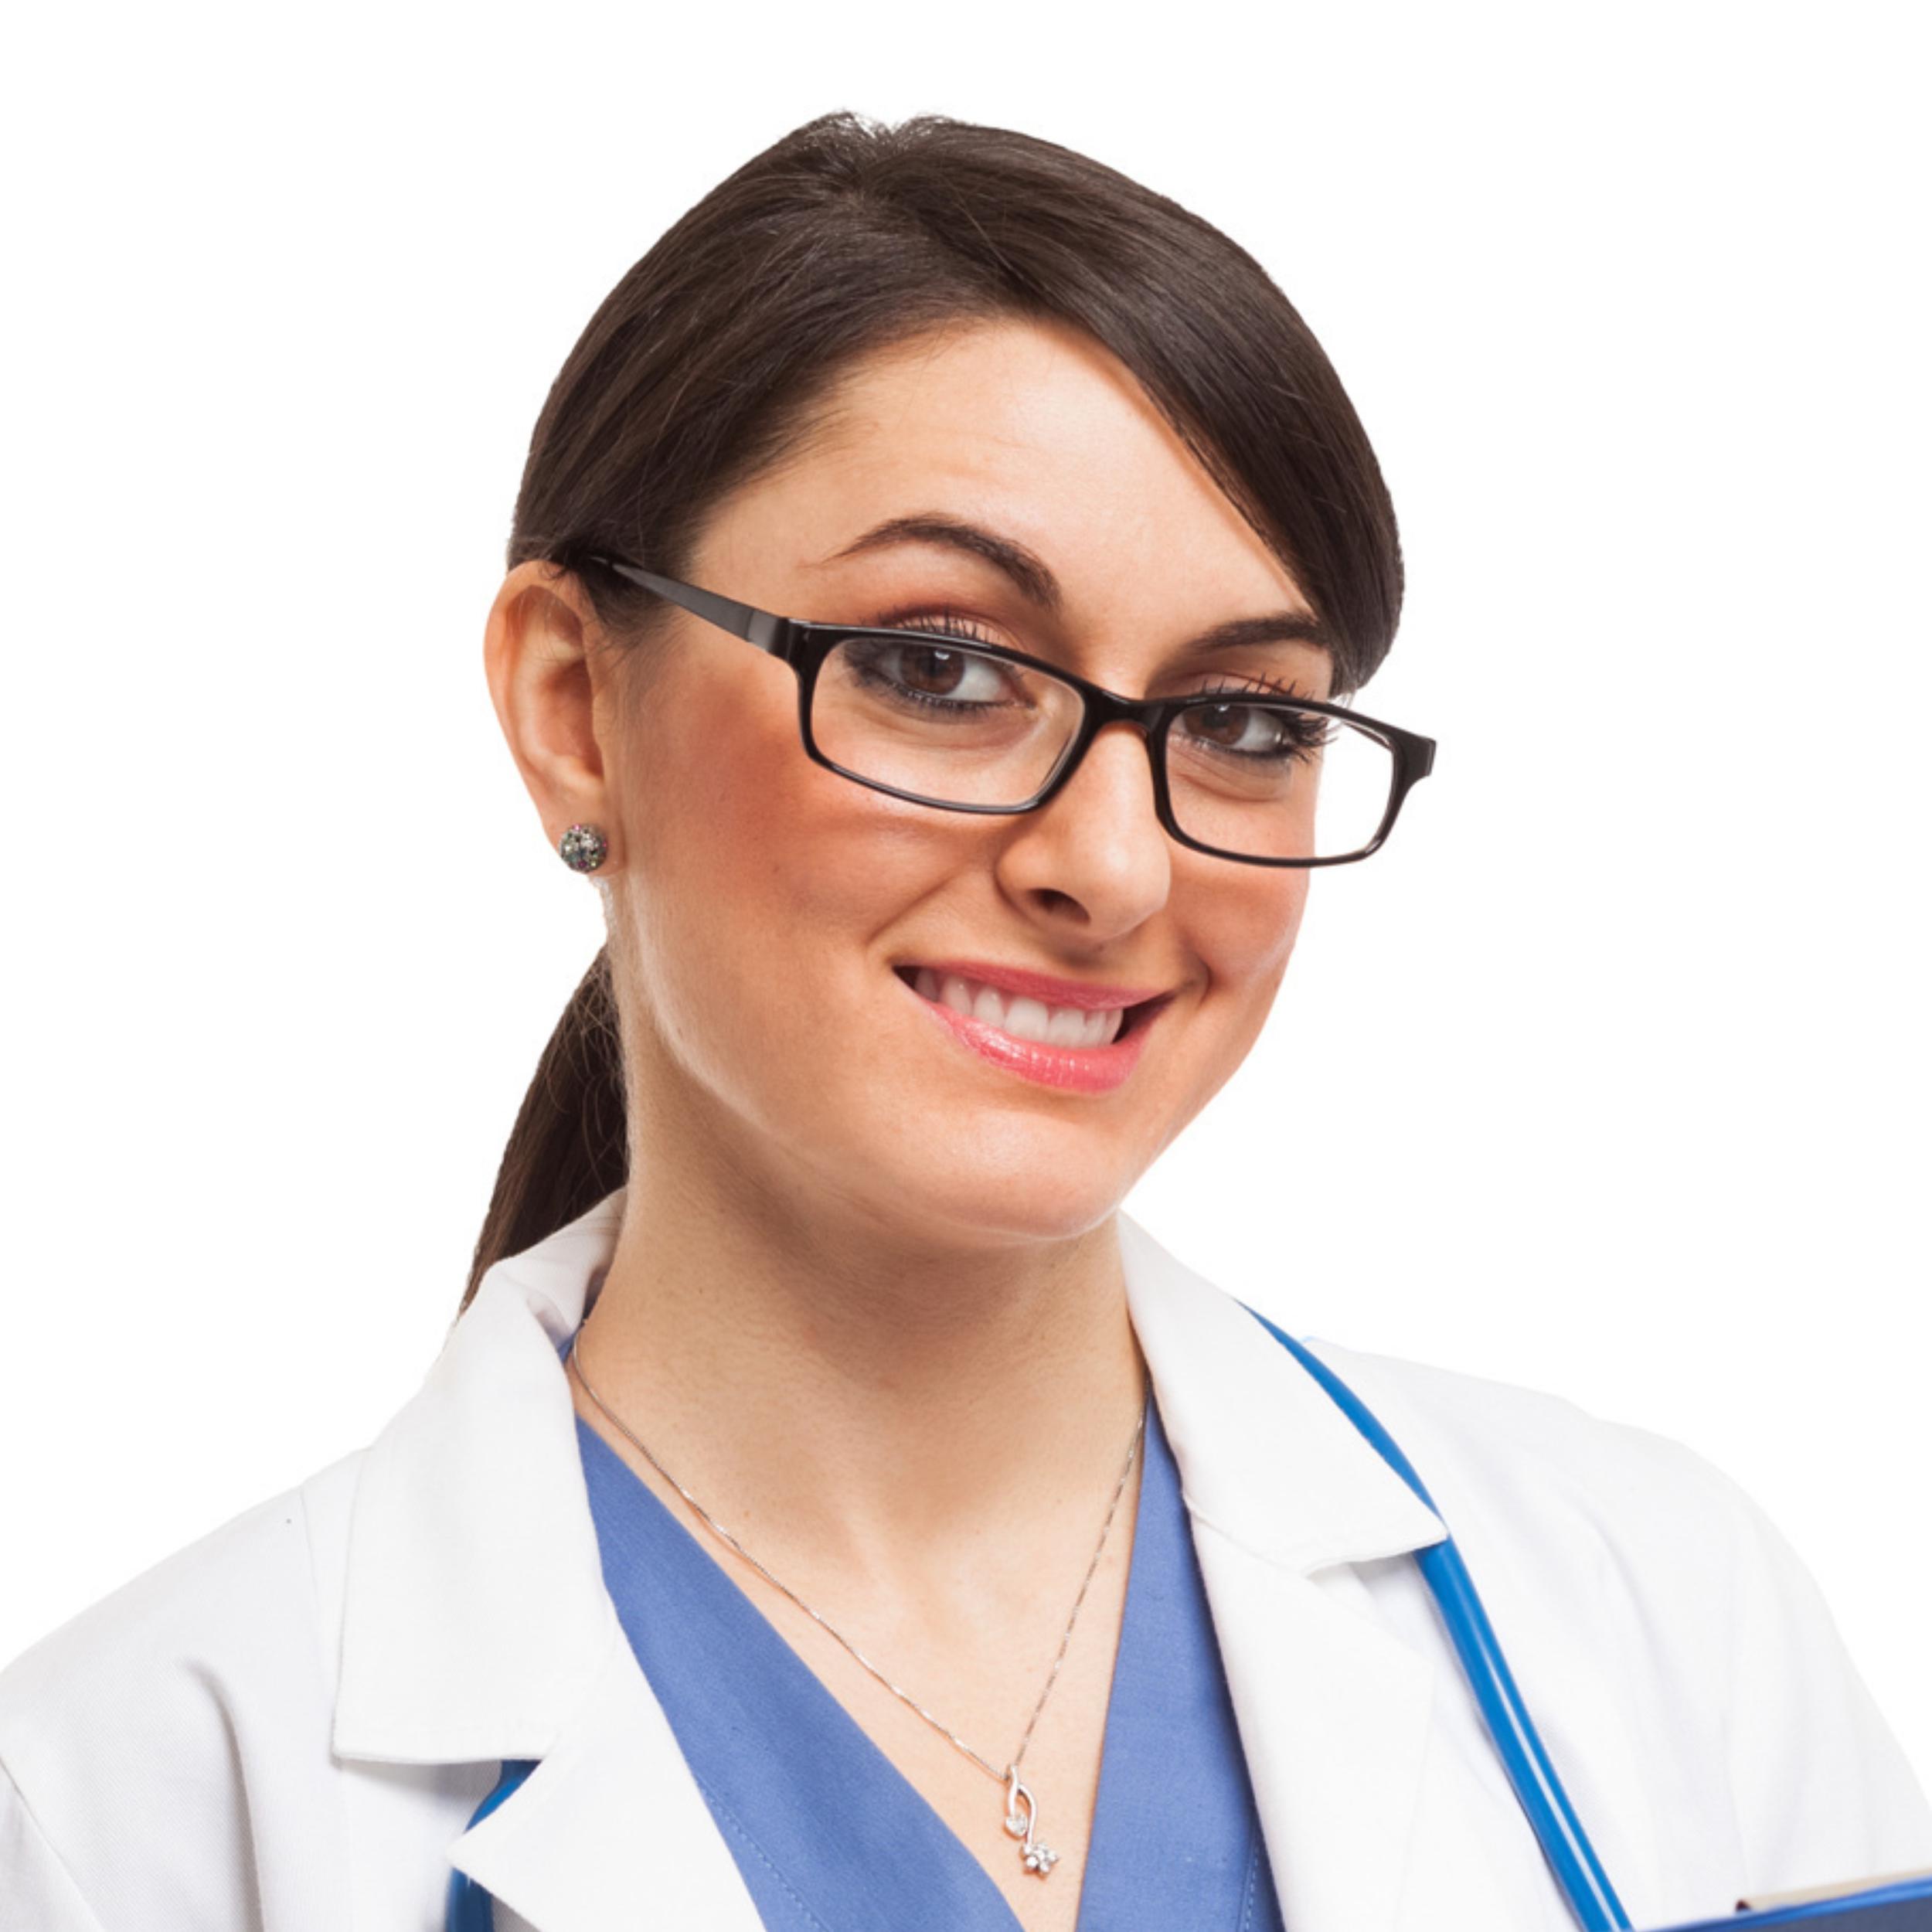 26962c82-998a-11e7-9aad-0242ac110002-Medical_10.jpg